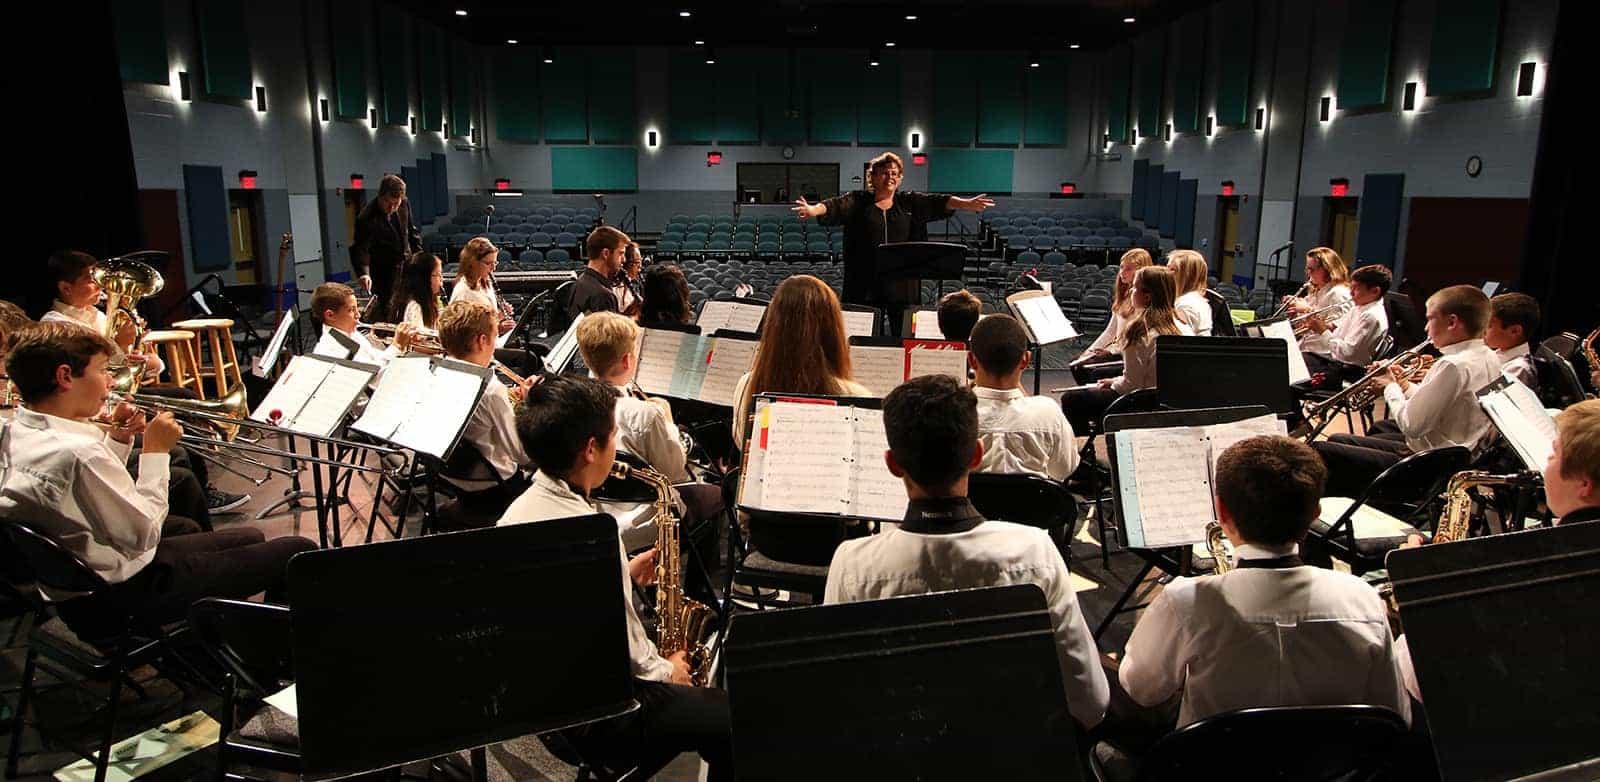 Nurtured musicians.